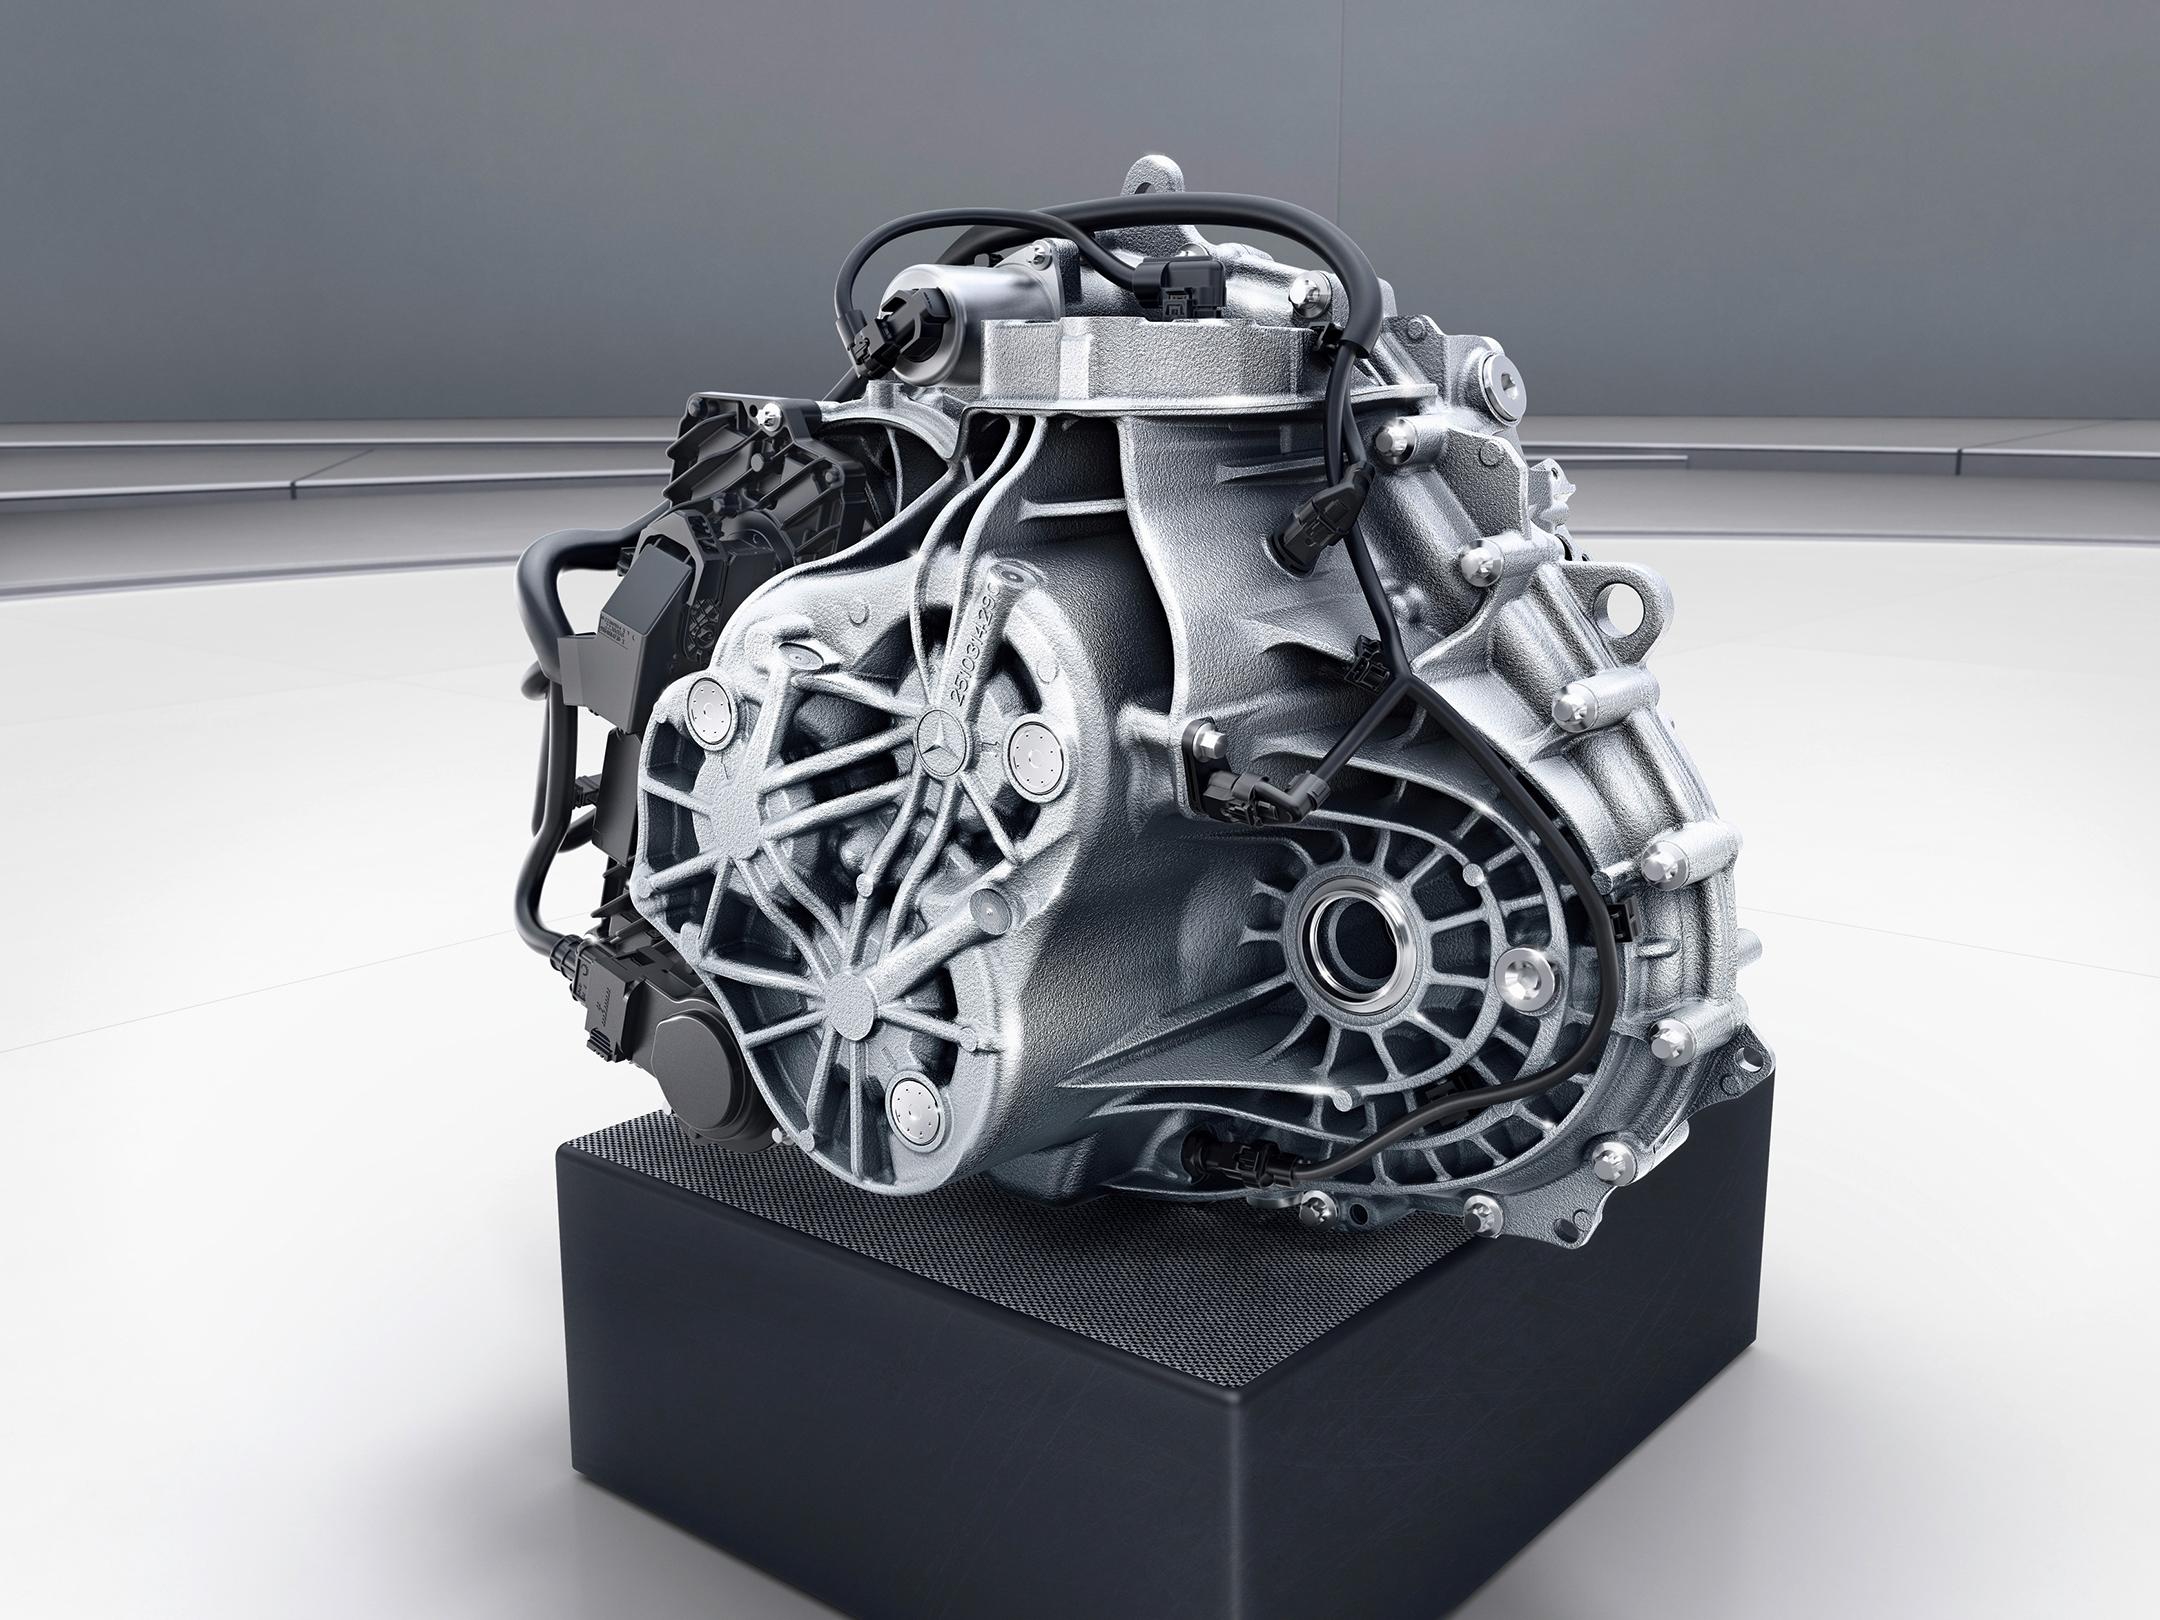 Mercedes-Benz A-Class - 2018 - gearbox - 7G-DCT gear drive